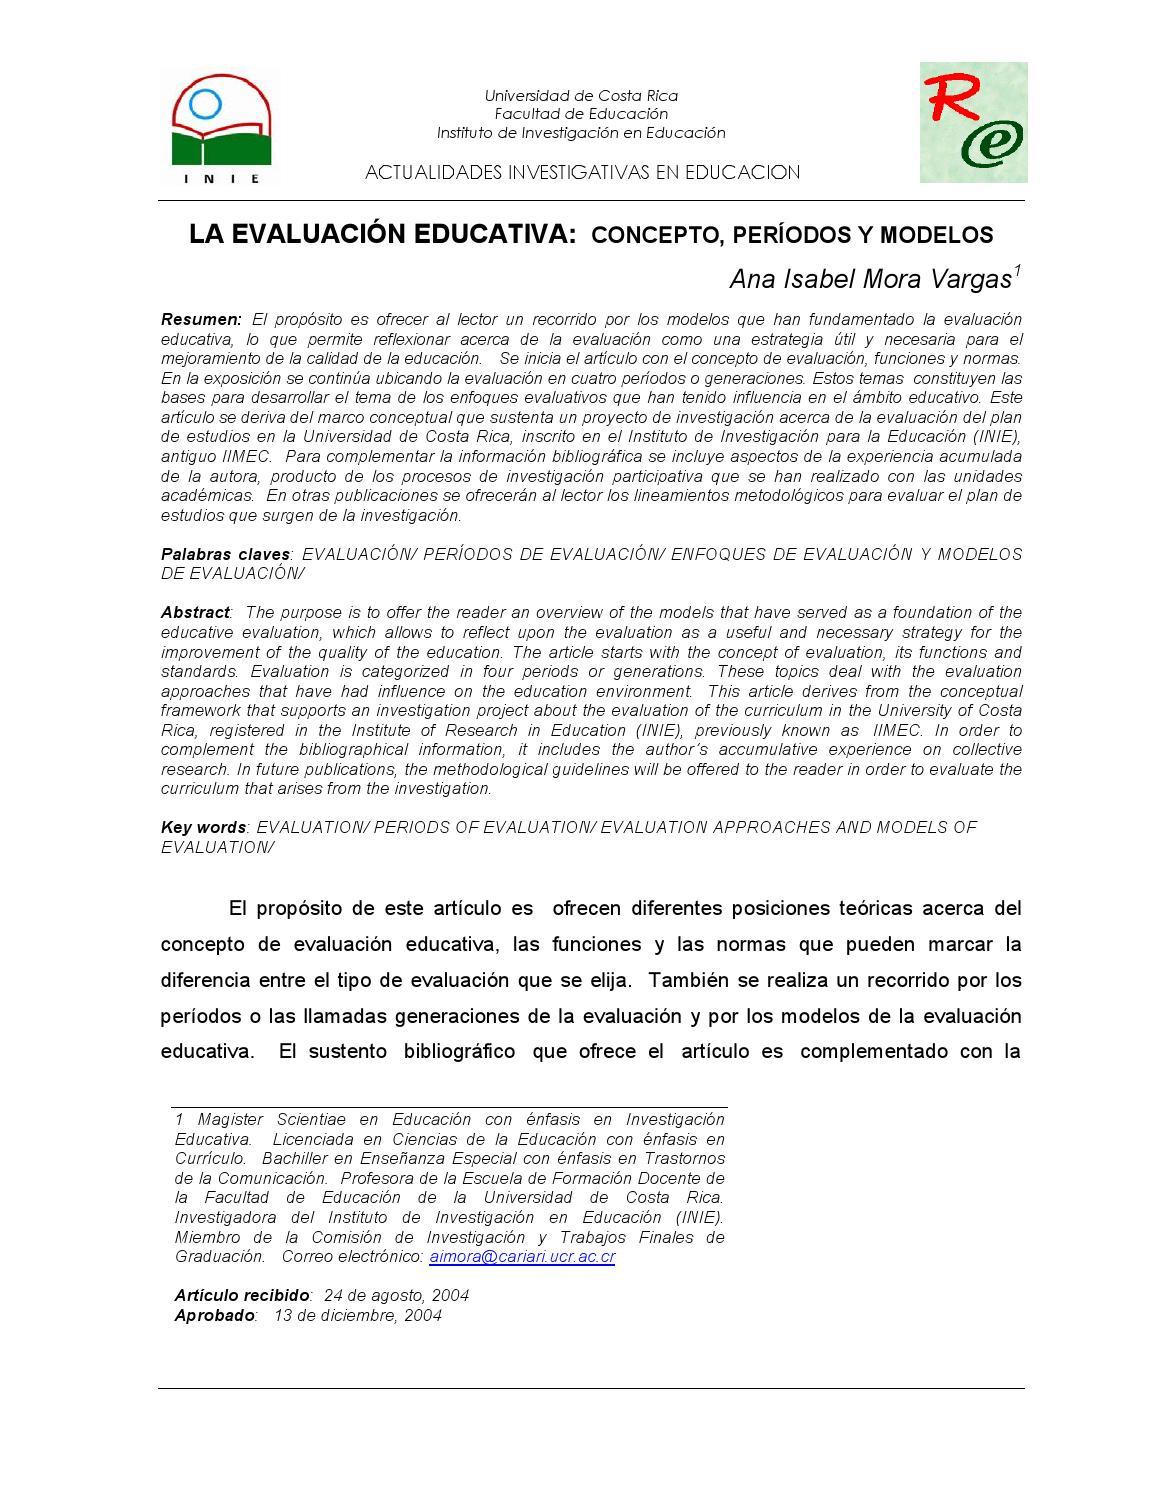 Modelos de evaluacion by tatik27 - issuu